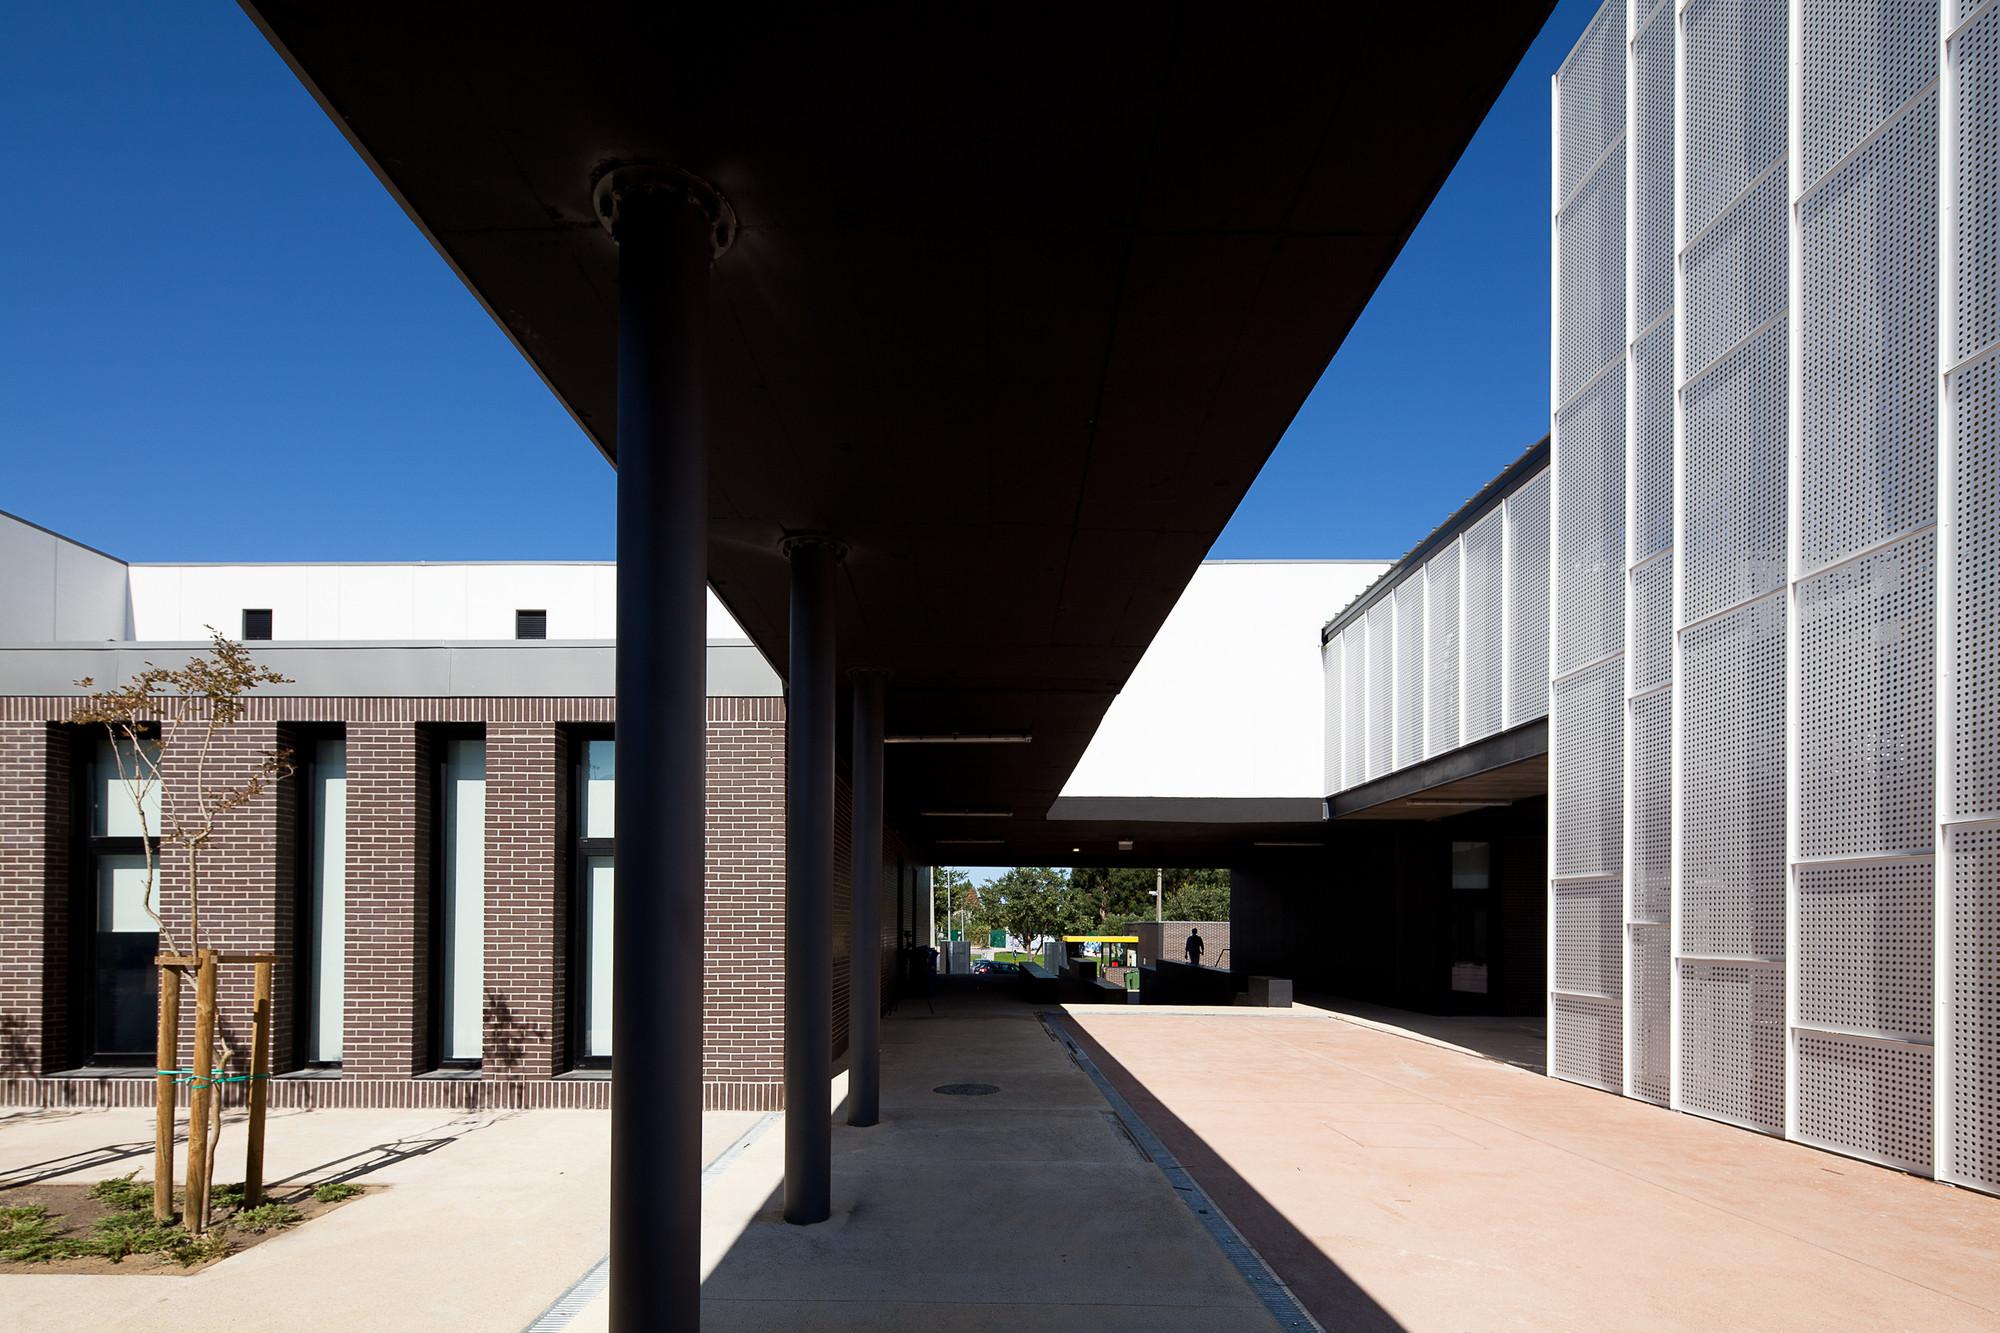 Secondary School Azevedo Neves / João Lúcio Lopes